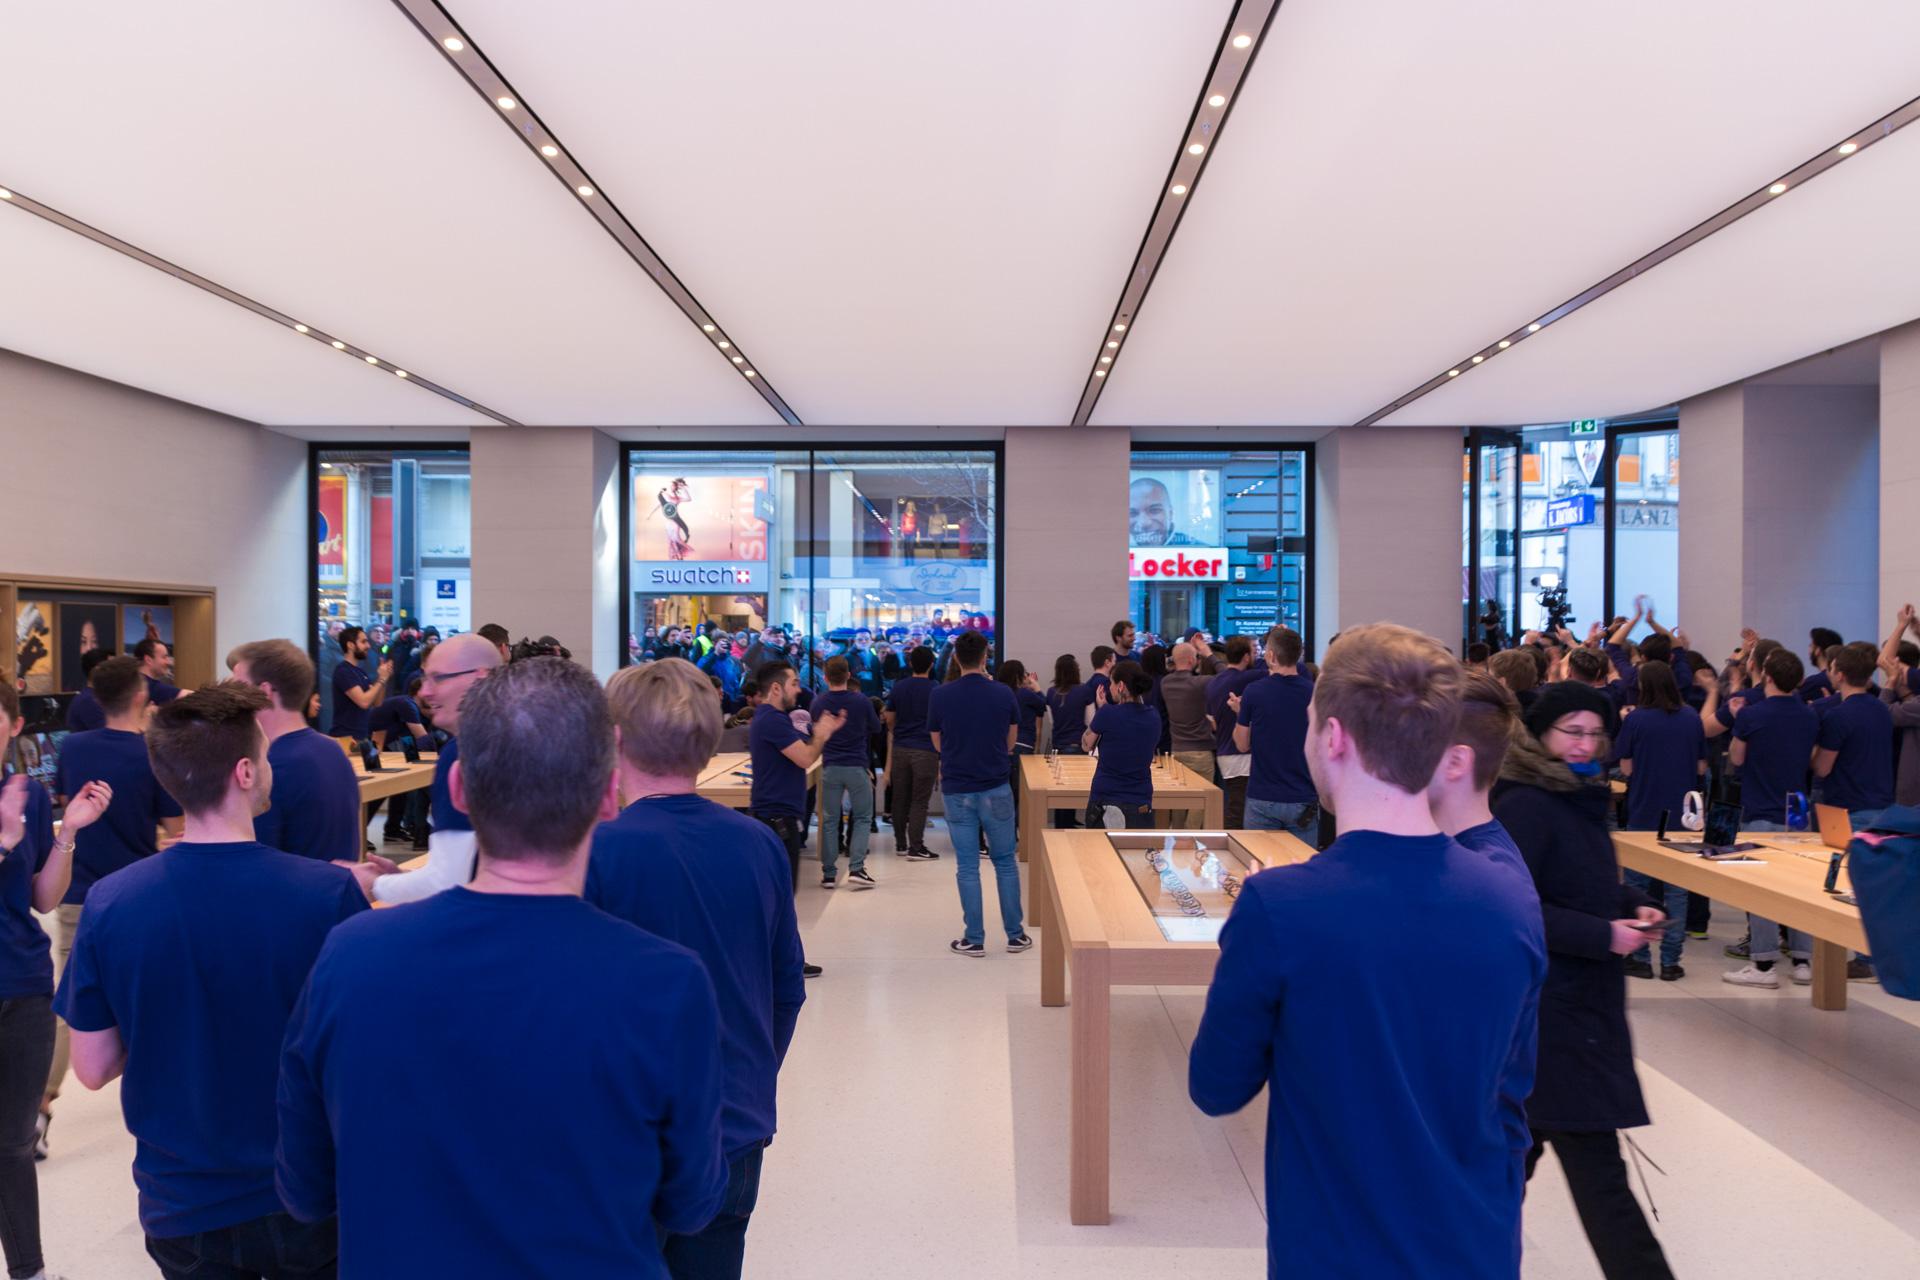 Mitarbeiter empfangen die Besucher, Apple Store Kärntnerstraße, Wien, Hack4Life, Grand Opening, Fabian Geissler